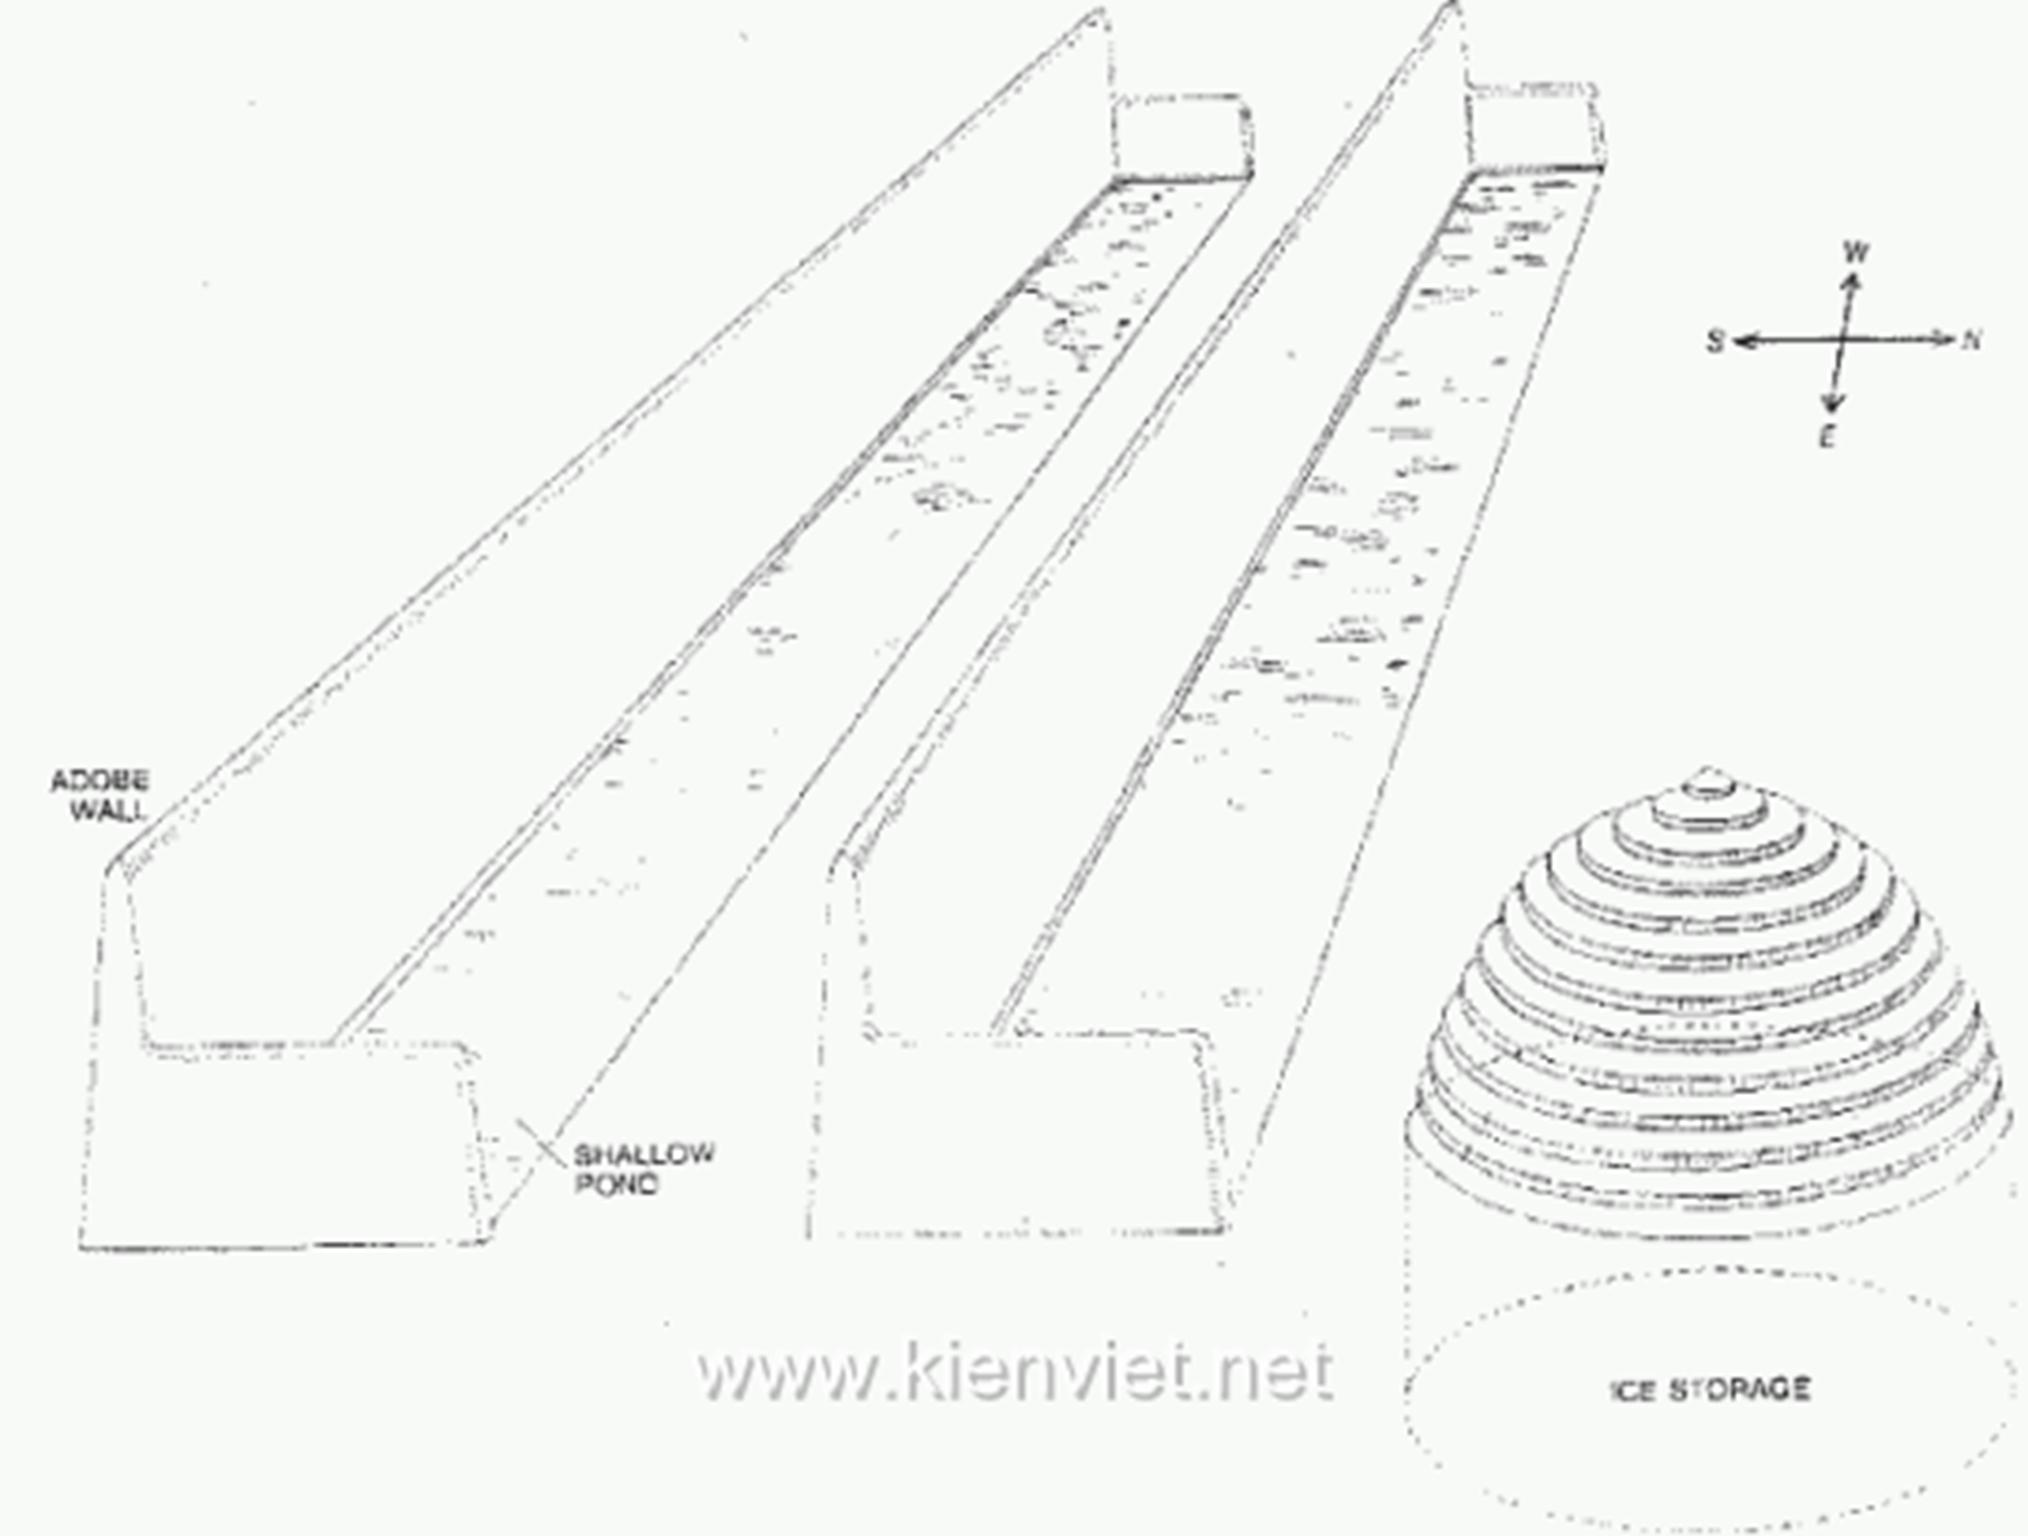 Hình 11: MÁY LÀM ĐÁ là hệ thống làm mát tự động tận dụng nhiệt độ gần đóng băng vào những đêm mùa đông ở sa mạc. Một số bể nước nông, rộng 10 đến 12 mét ở trục Bắc- Nam và một số bể cao dài 100 mét, chứa đầy nước lạnh vào đêm mùa đông. Tường gạch sống cao ở mặt phía Nam của mỗi chiếc bể và tường thấp về cuối ở phía Đông và Tây để chắn gió cho bể nước. Vào buổi đêm, nước trong bể mất nhiệt lên bầu trời do bức xạ và thu lại nhiệt từ đất do tính dẫn nhiệt và từ không khí do đối lưu (nghĩa là bằng sự chuyển động của không khí đi qua mặt nước). Chắn gió cho bể làm giảm nhiệt thu được do đối lưu, để vào những đêm không mây lượng nhiệt tiêu hao lên bầu trời do bức xạ đủ để làm nước đóng băng. Ngày hôm sau nước sẽ bị cắt ra thành từng mảnh và được để trong hầm dự trữ sâu 10 đến 15 mét. Tường che bóng mát cho bể suốt cả ngày để đá không chảy trước khi nó bị cắt ra thành từng mảnh và trữ lại.